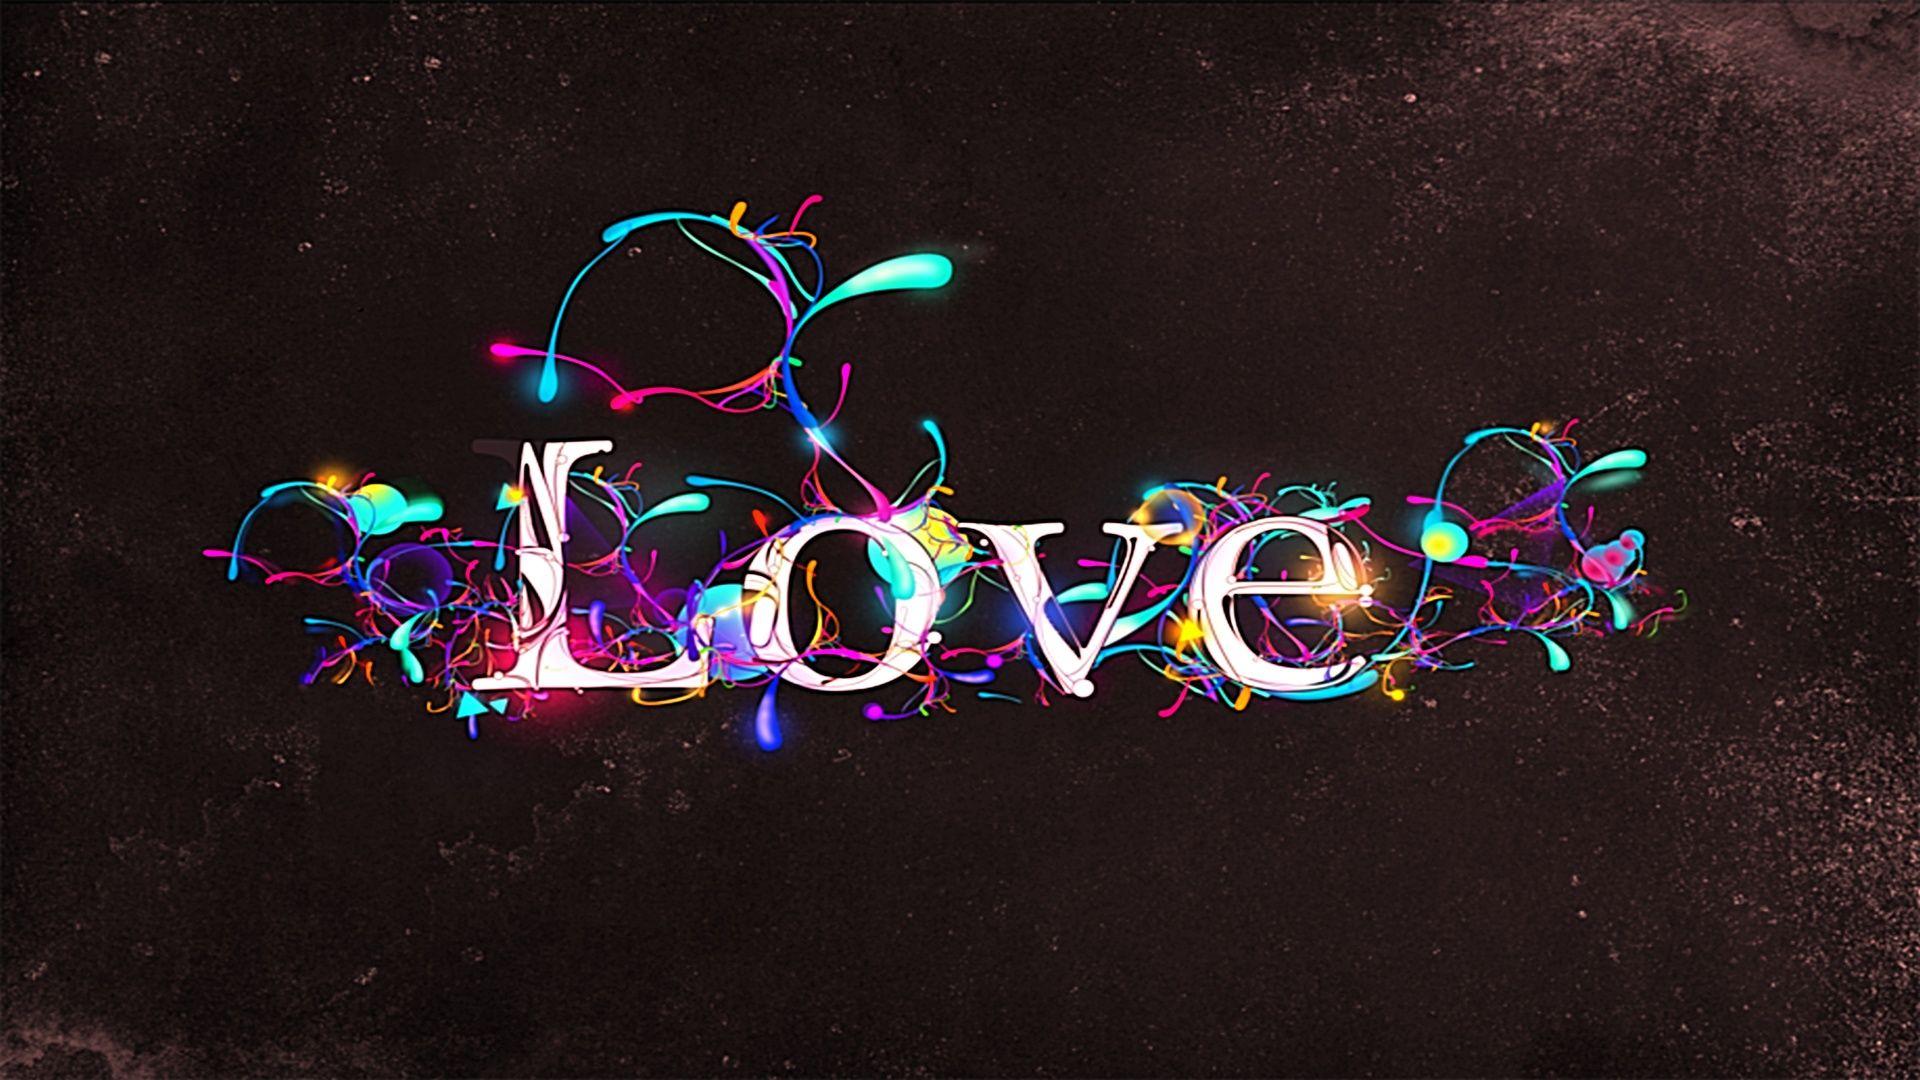 Hd Wallpapers For Desktop Love